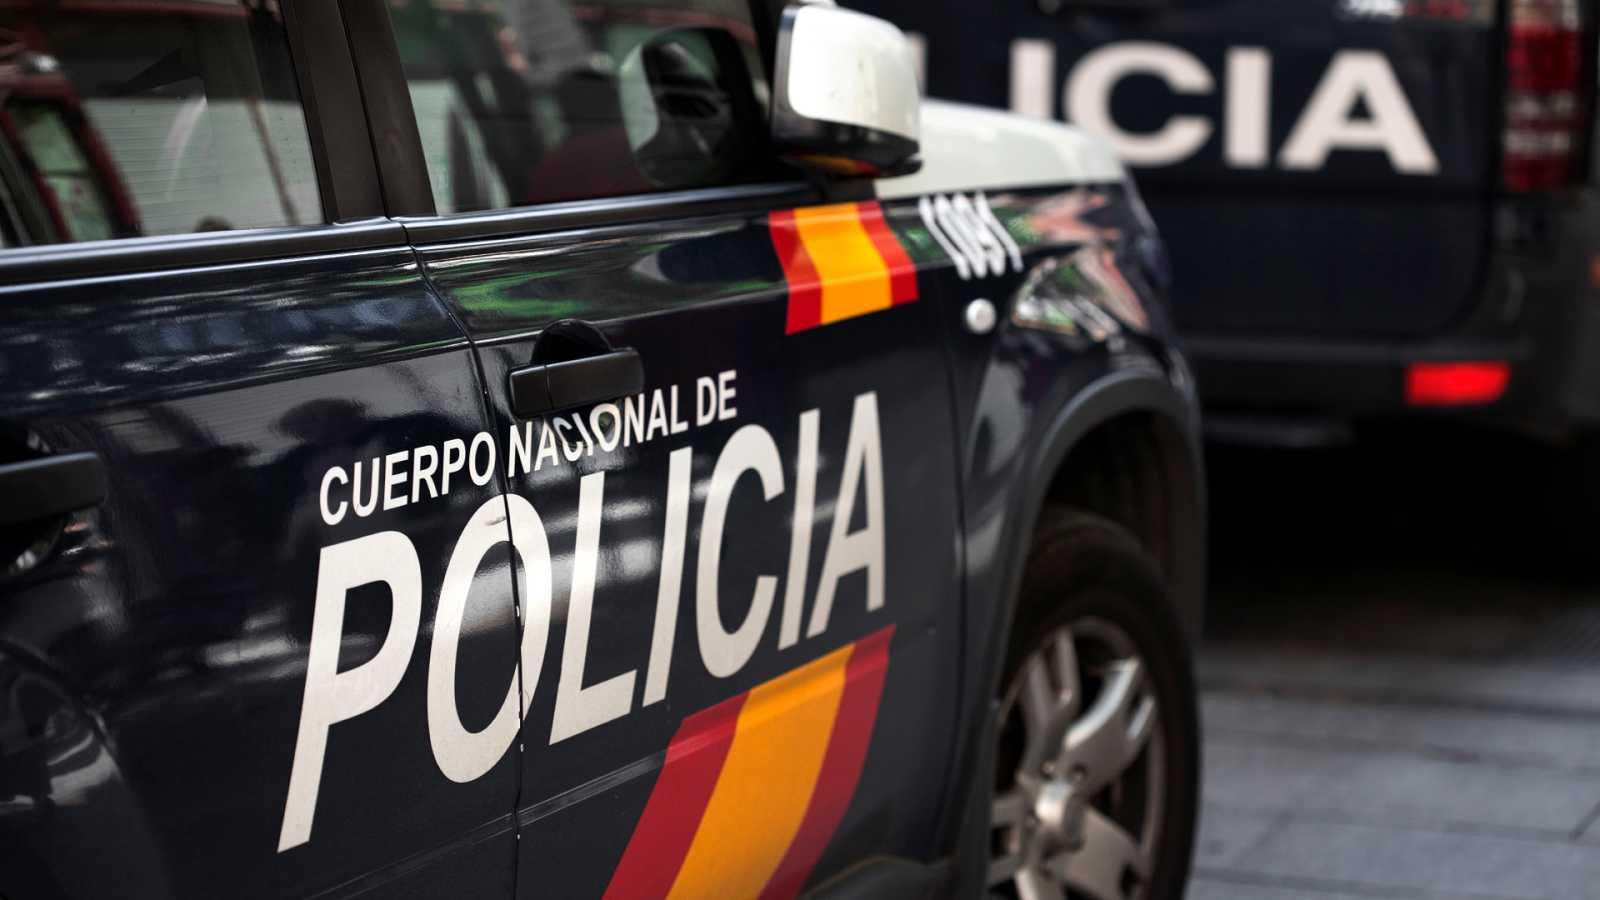 13 personas detenidas en Alicante por agredir presuntamente a un hombre por su orientación sexual